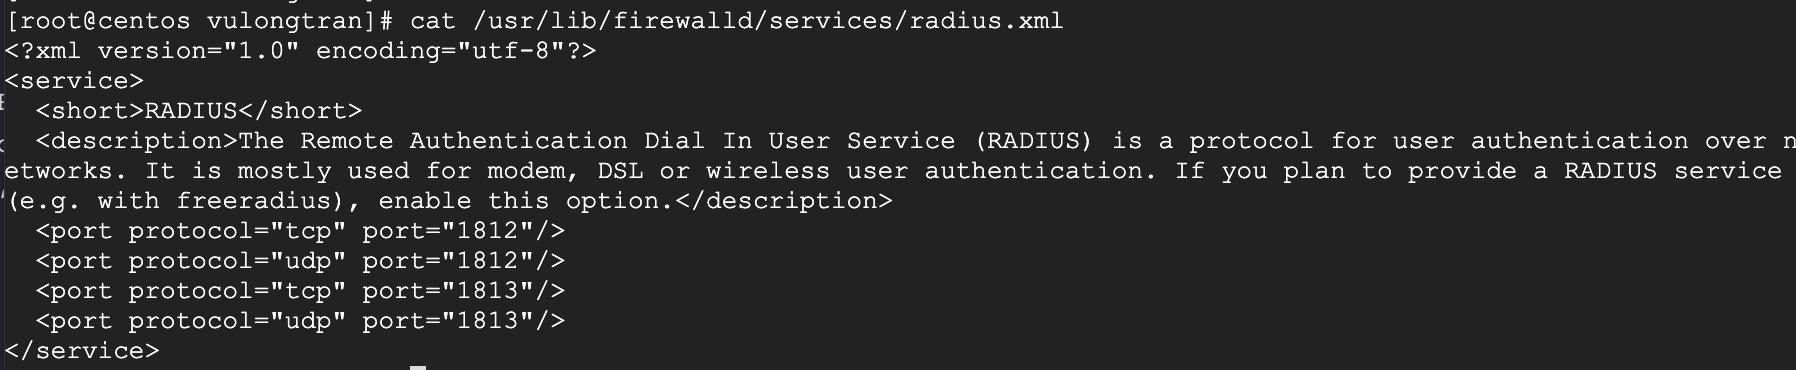 freeradius-open-ports